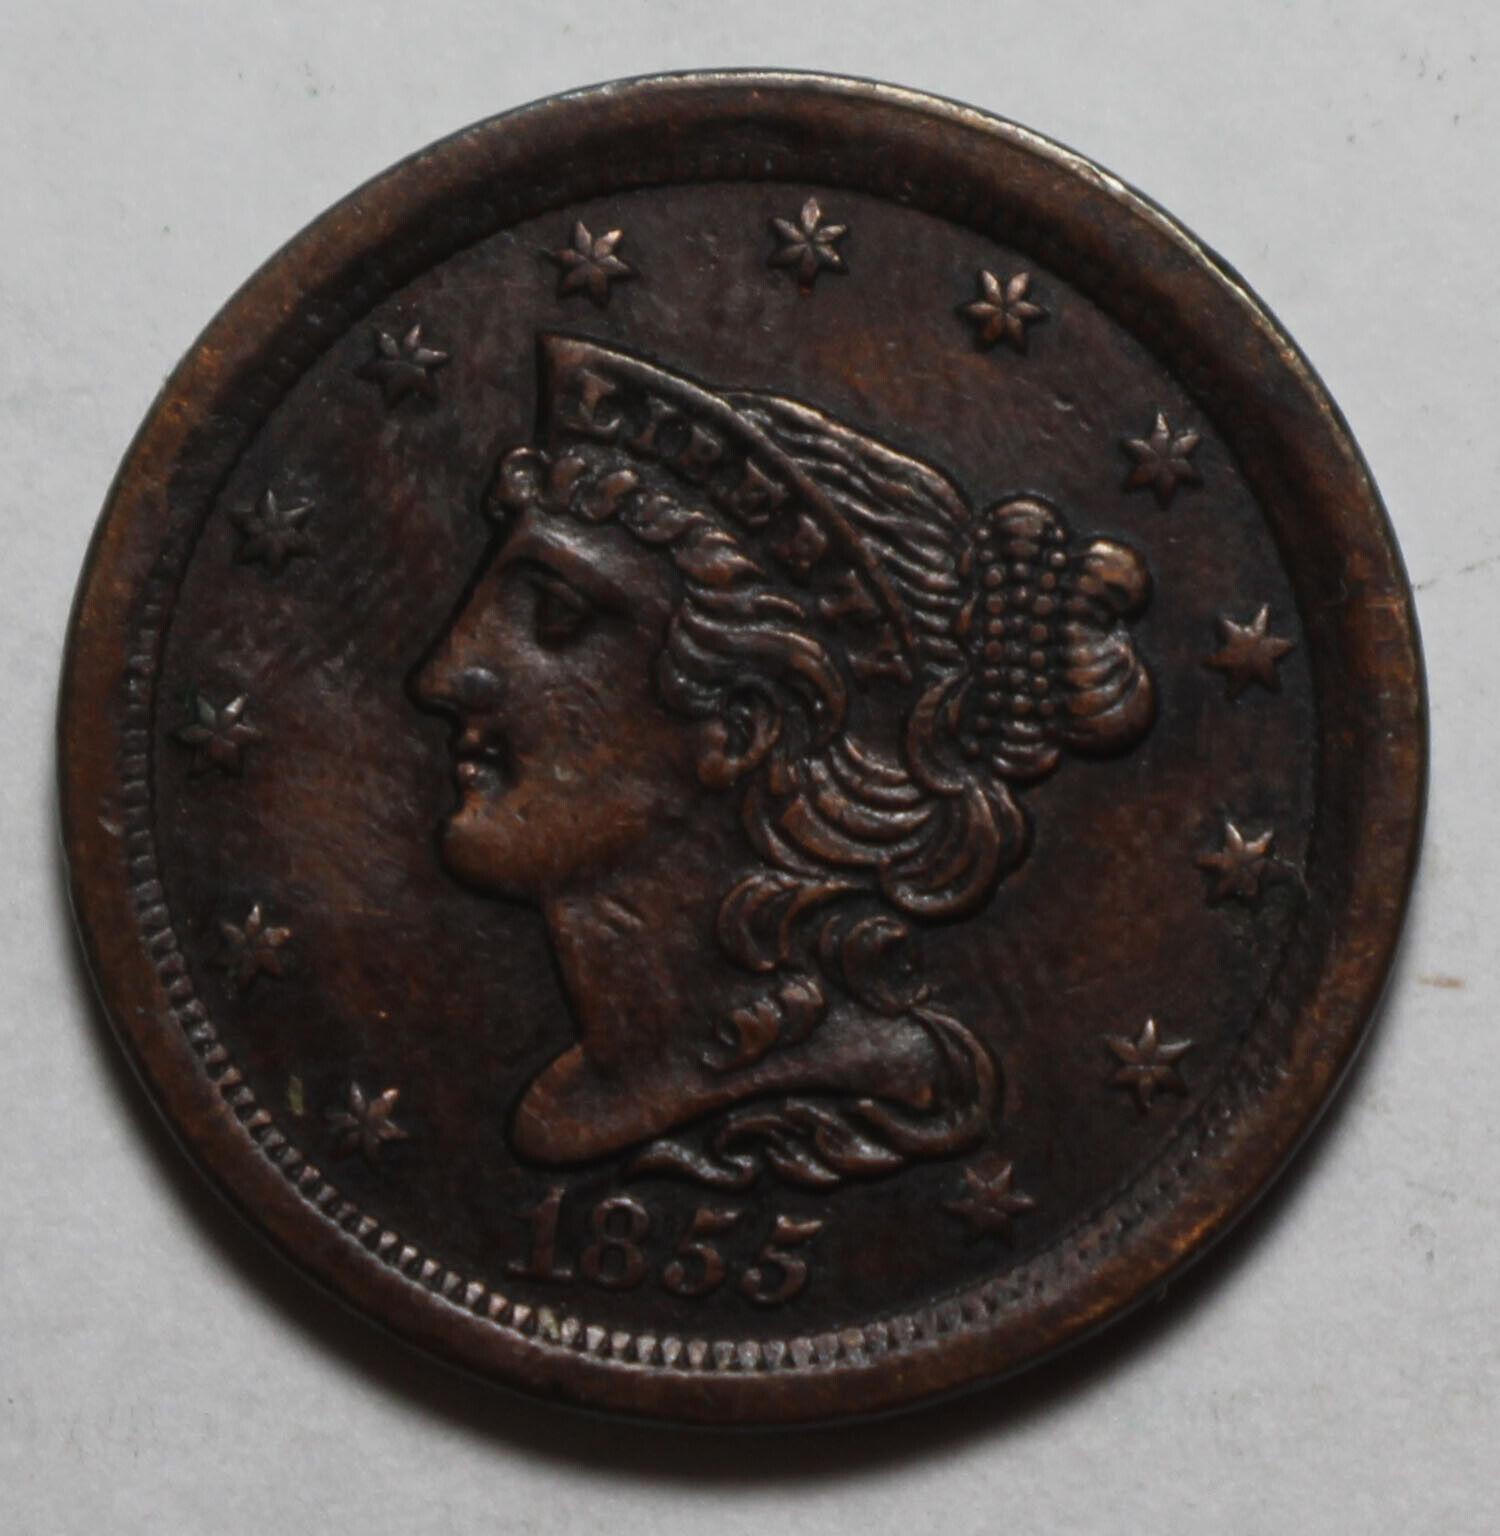 1855 US Half Cent WR486